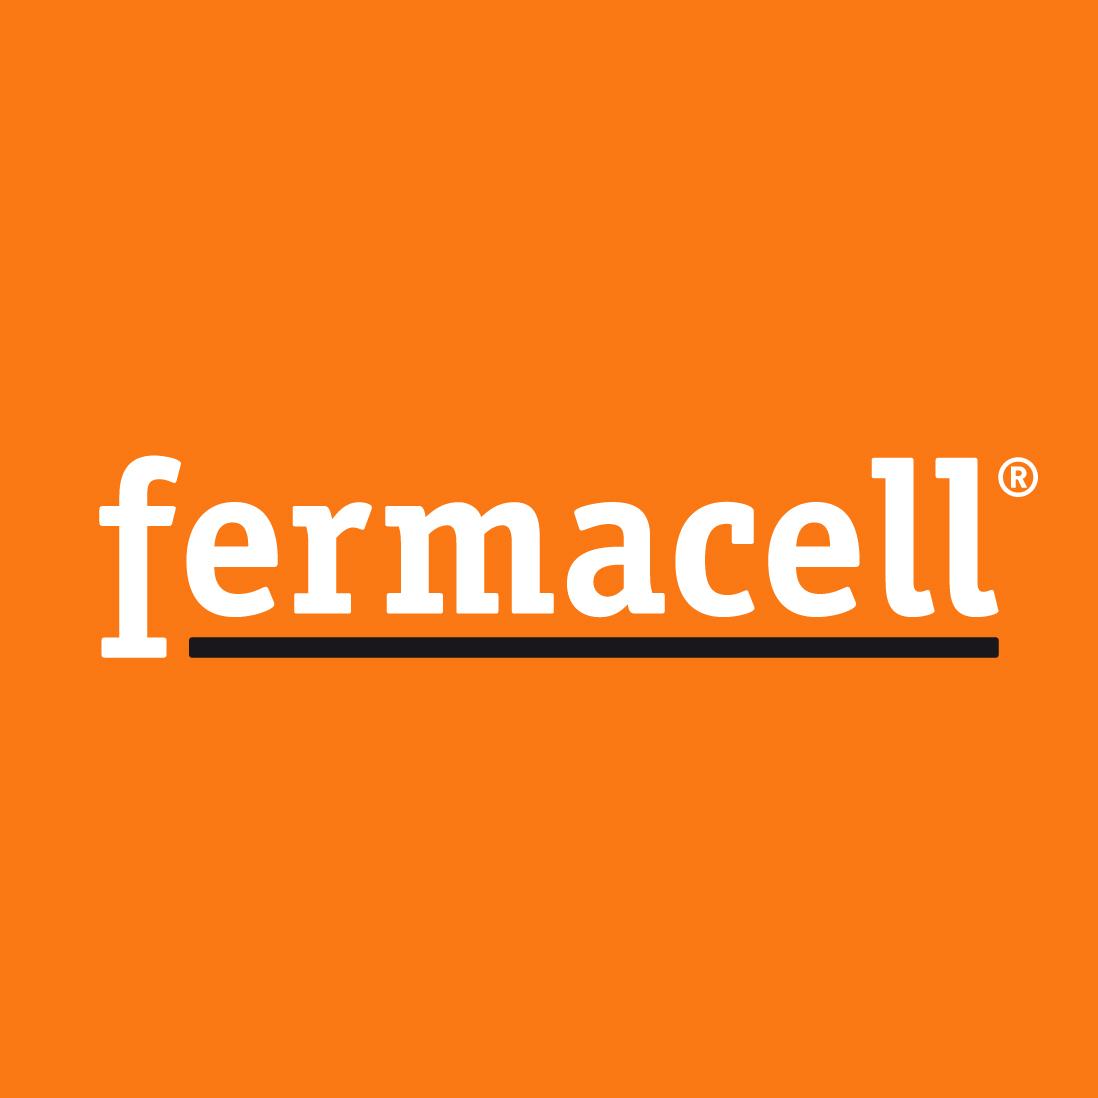 Roth Steuerungstechnik - Fermacell – Umbau der Verpackungslinie